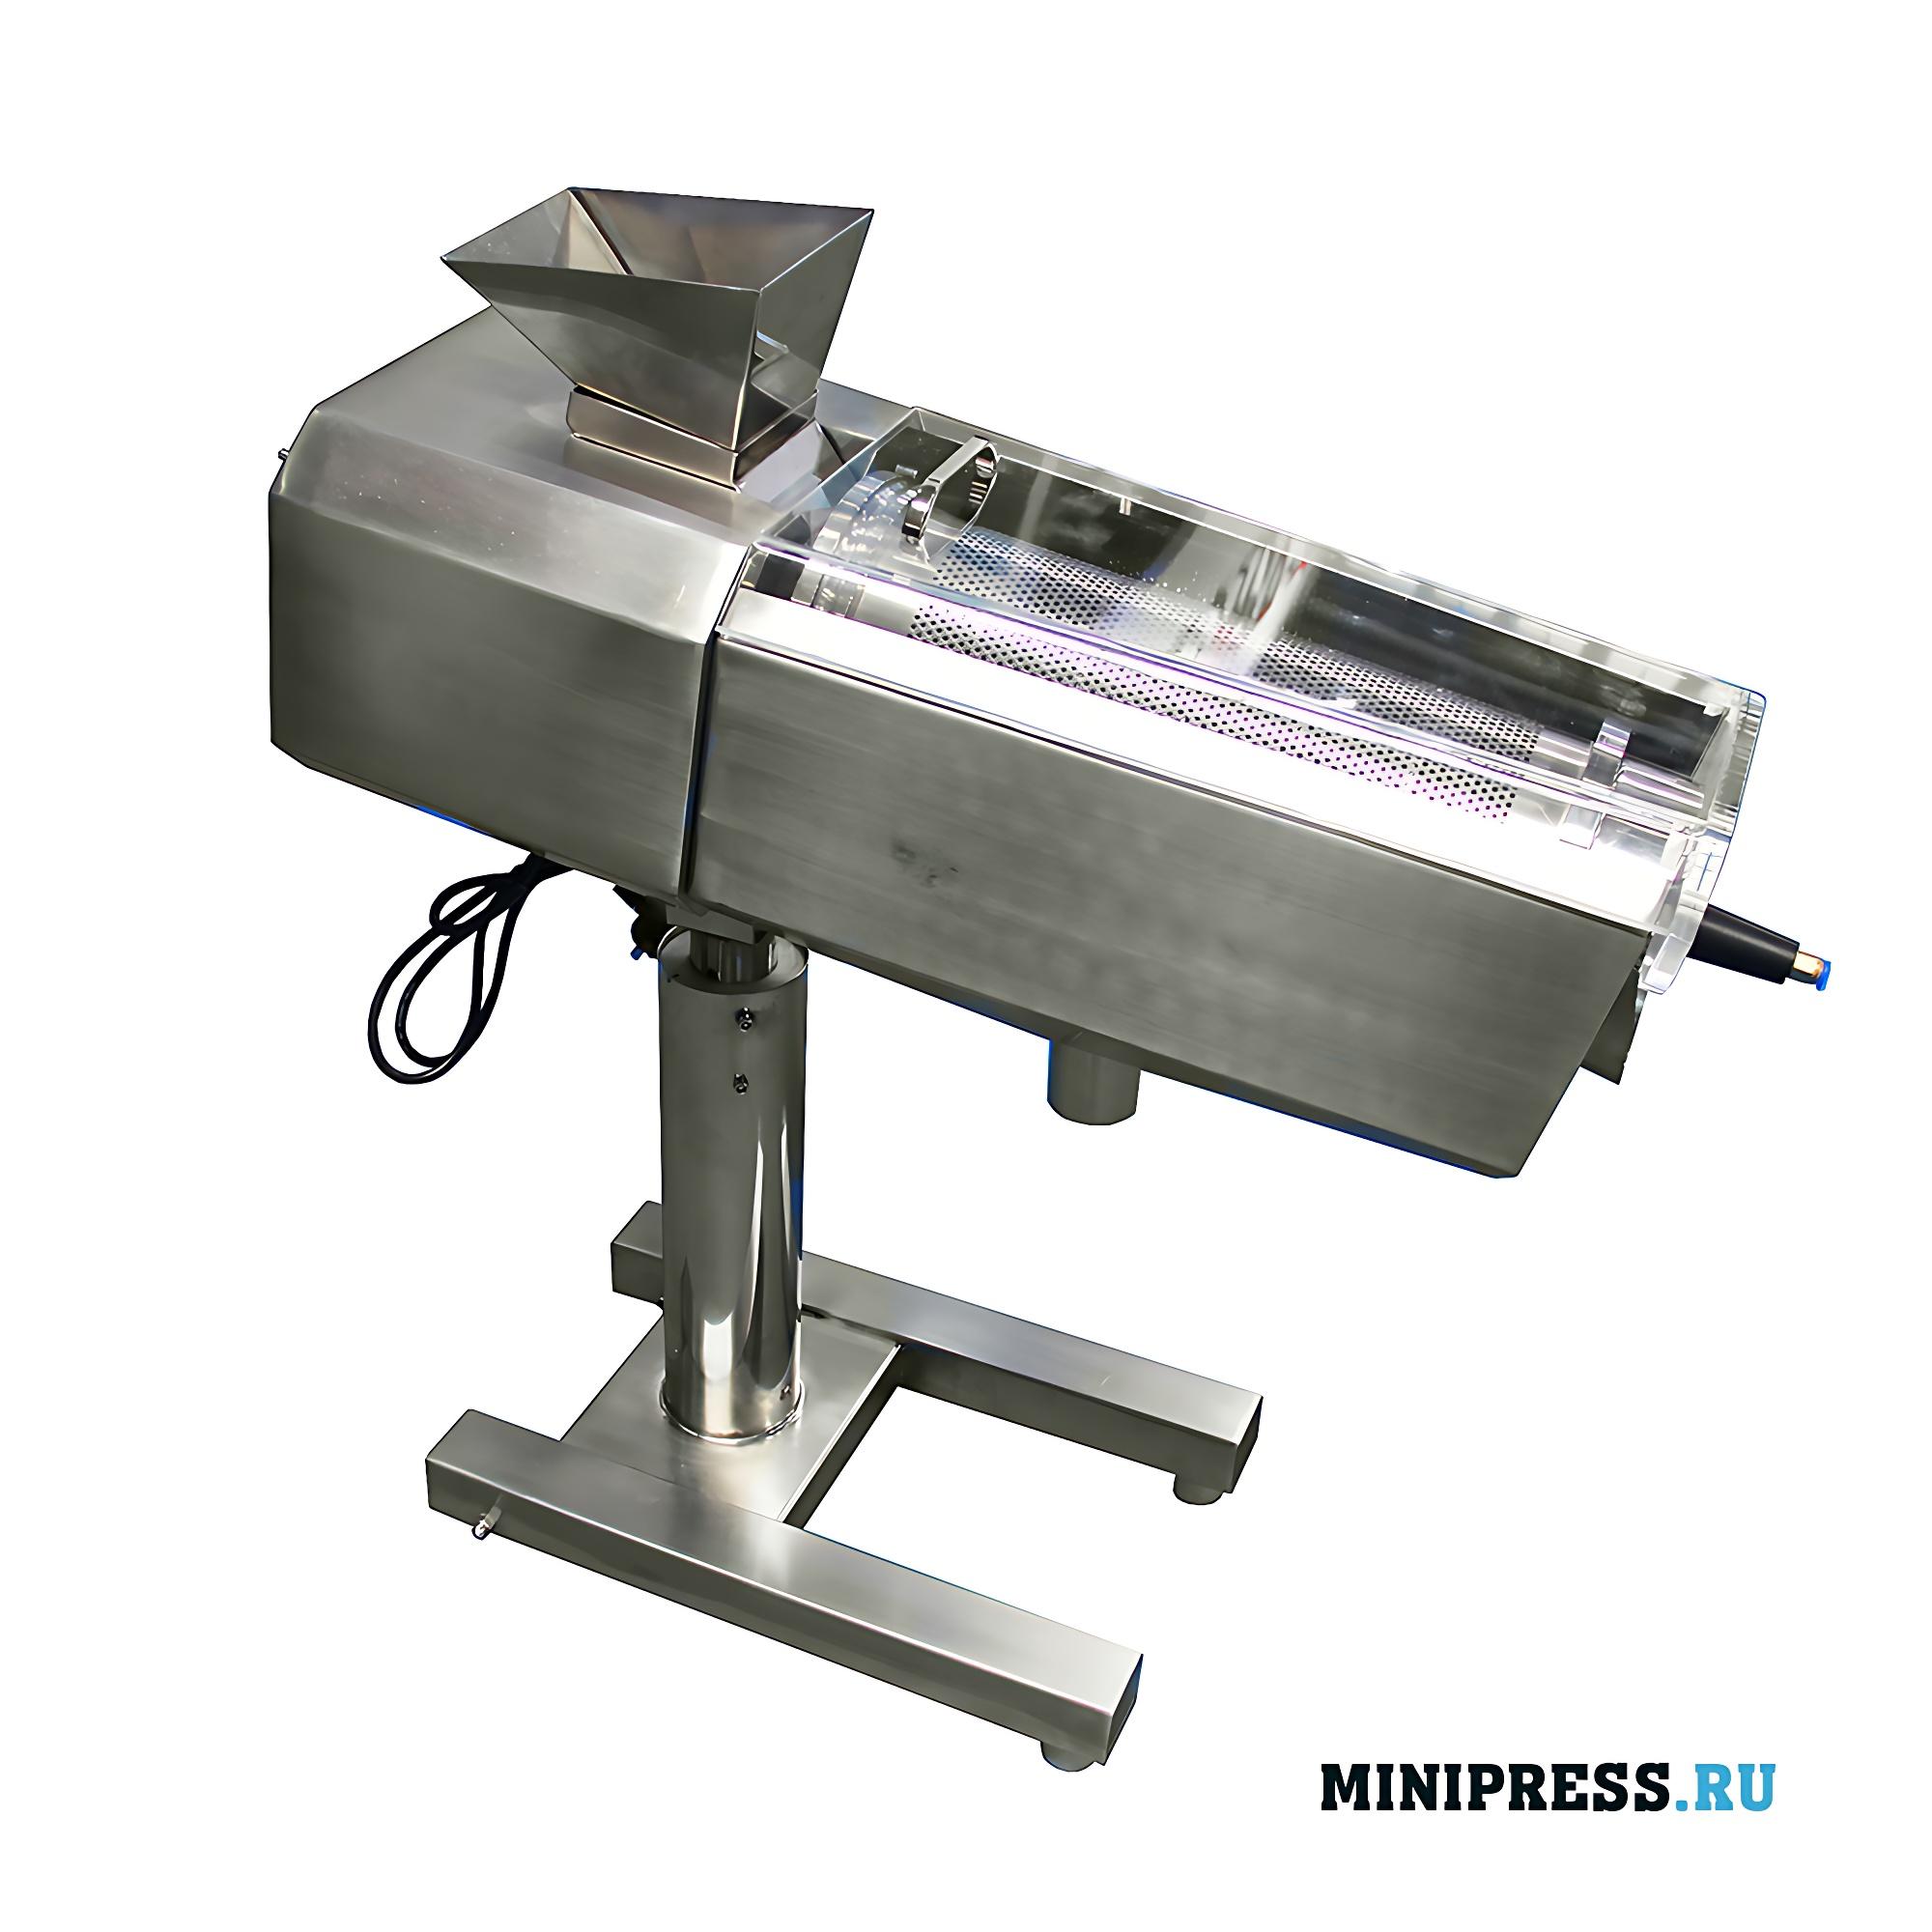 Автоматическое оборудование для удаления пыли с таблеток